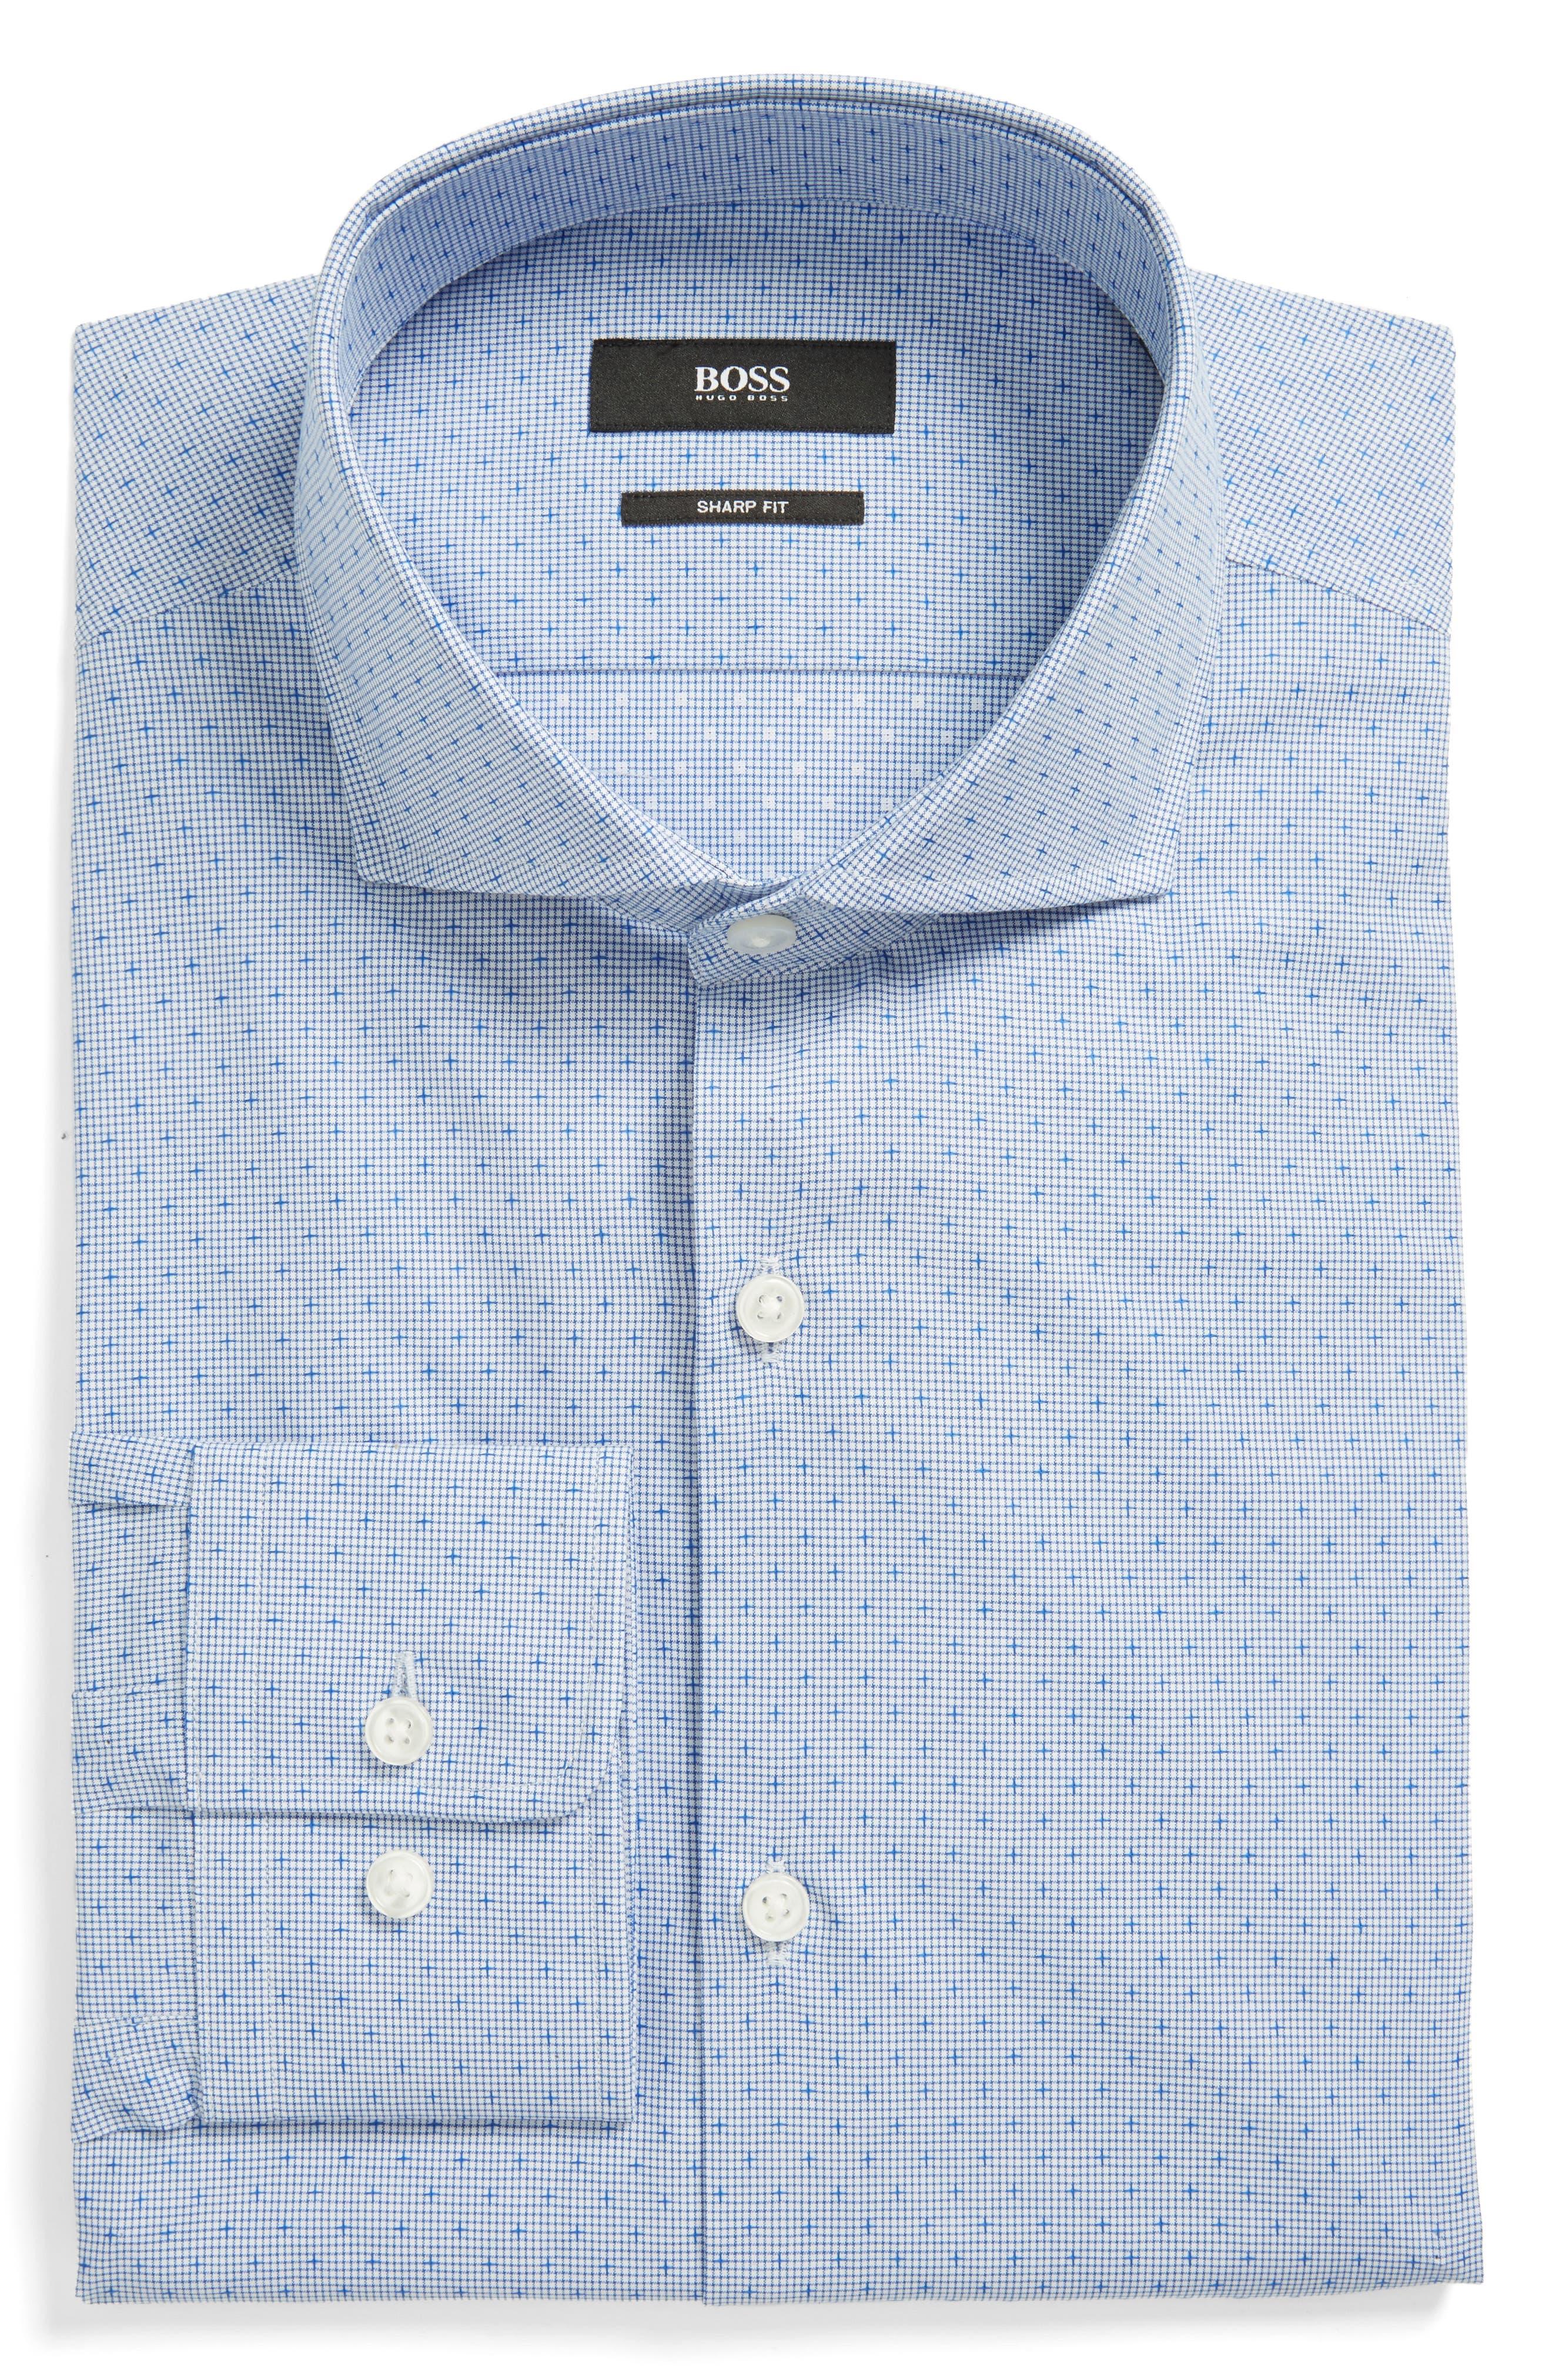 Mark Sharp Fit Dobby Dress Shirt,                             Main thumbnail 1, color,                             Medium Blue